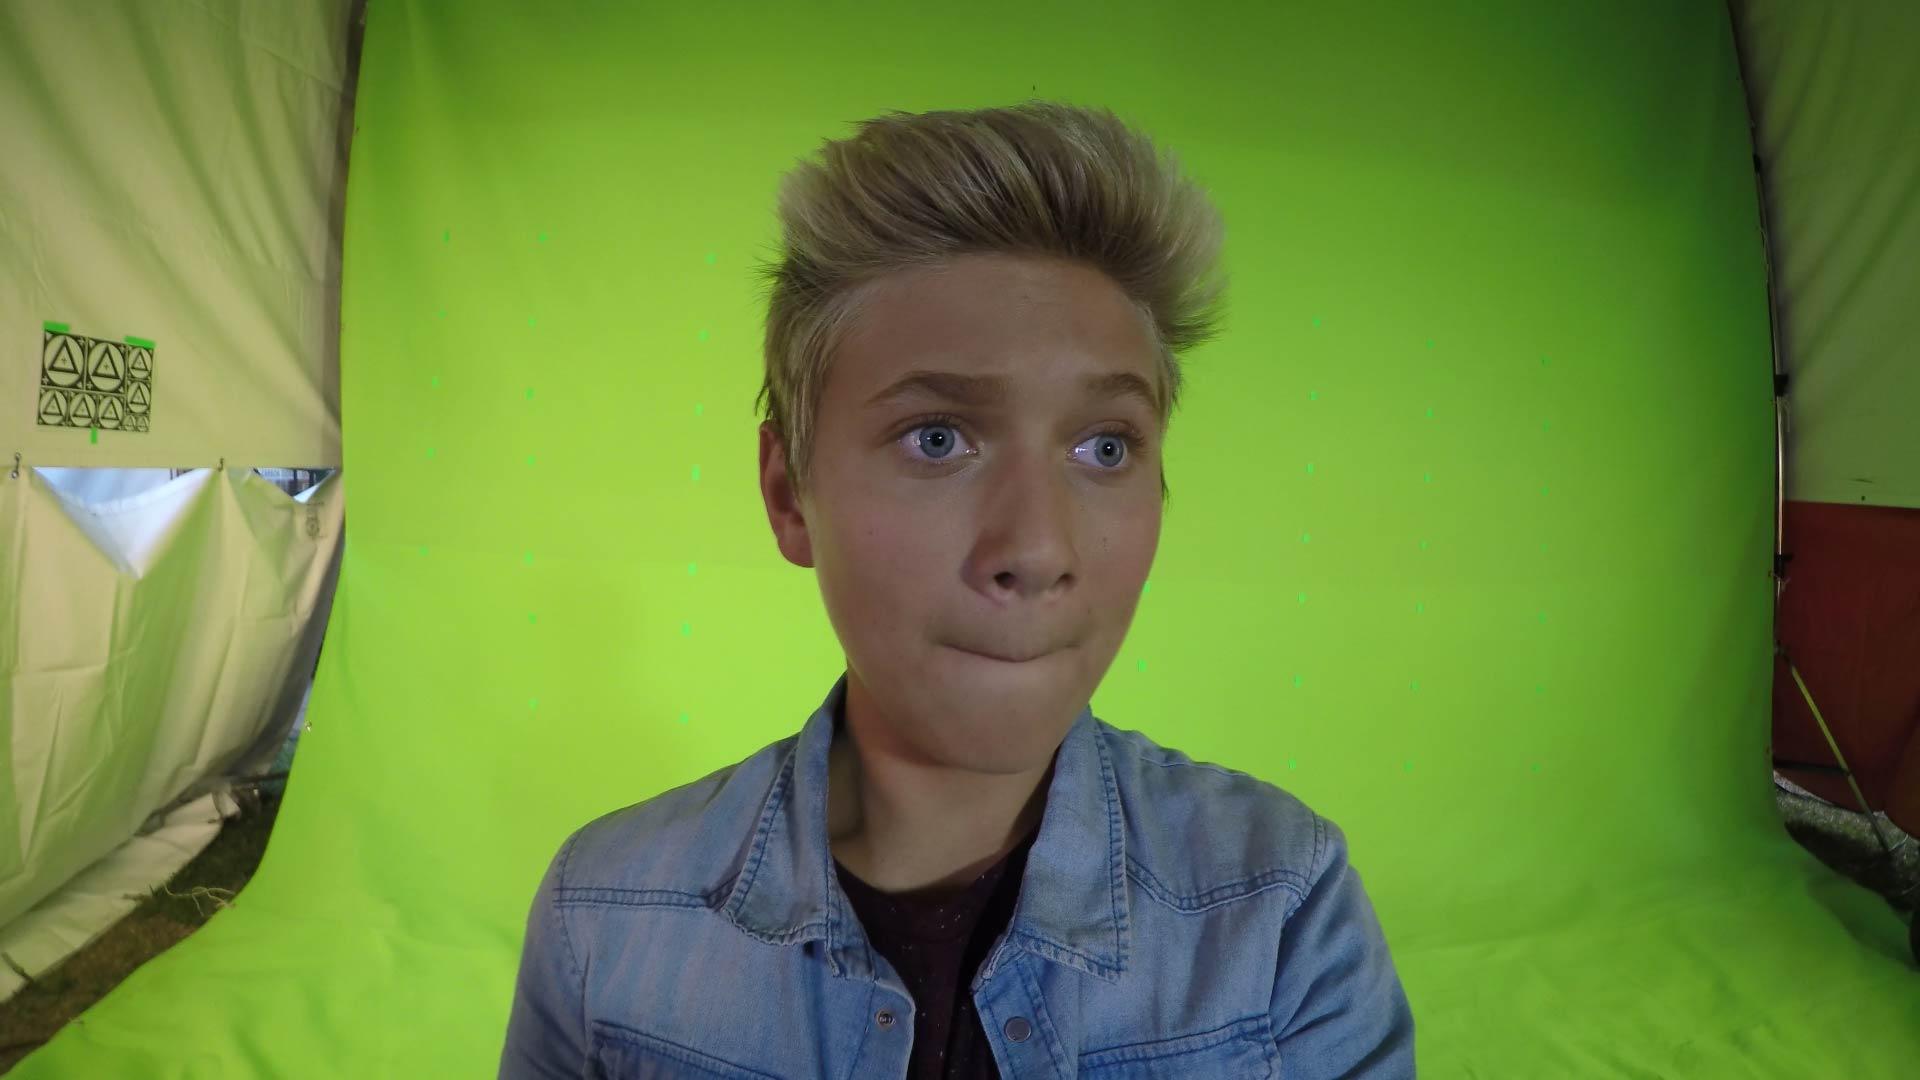 Nickelodeon_Shot_04.jpg